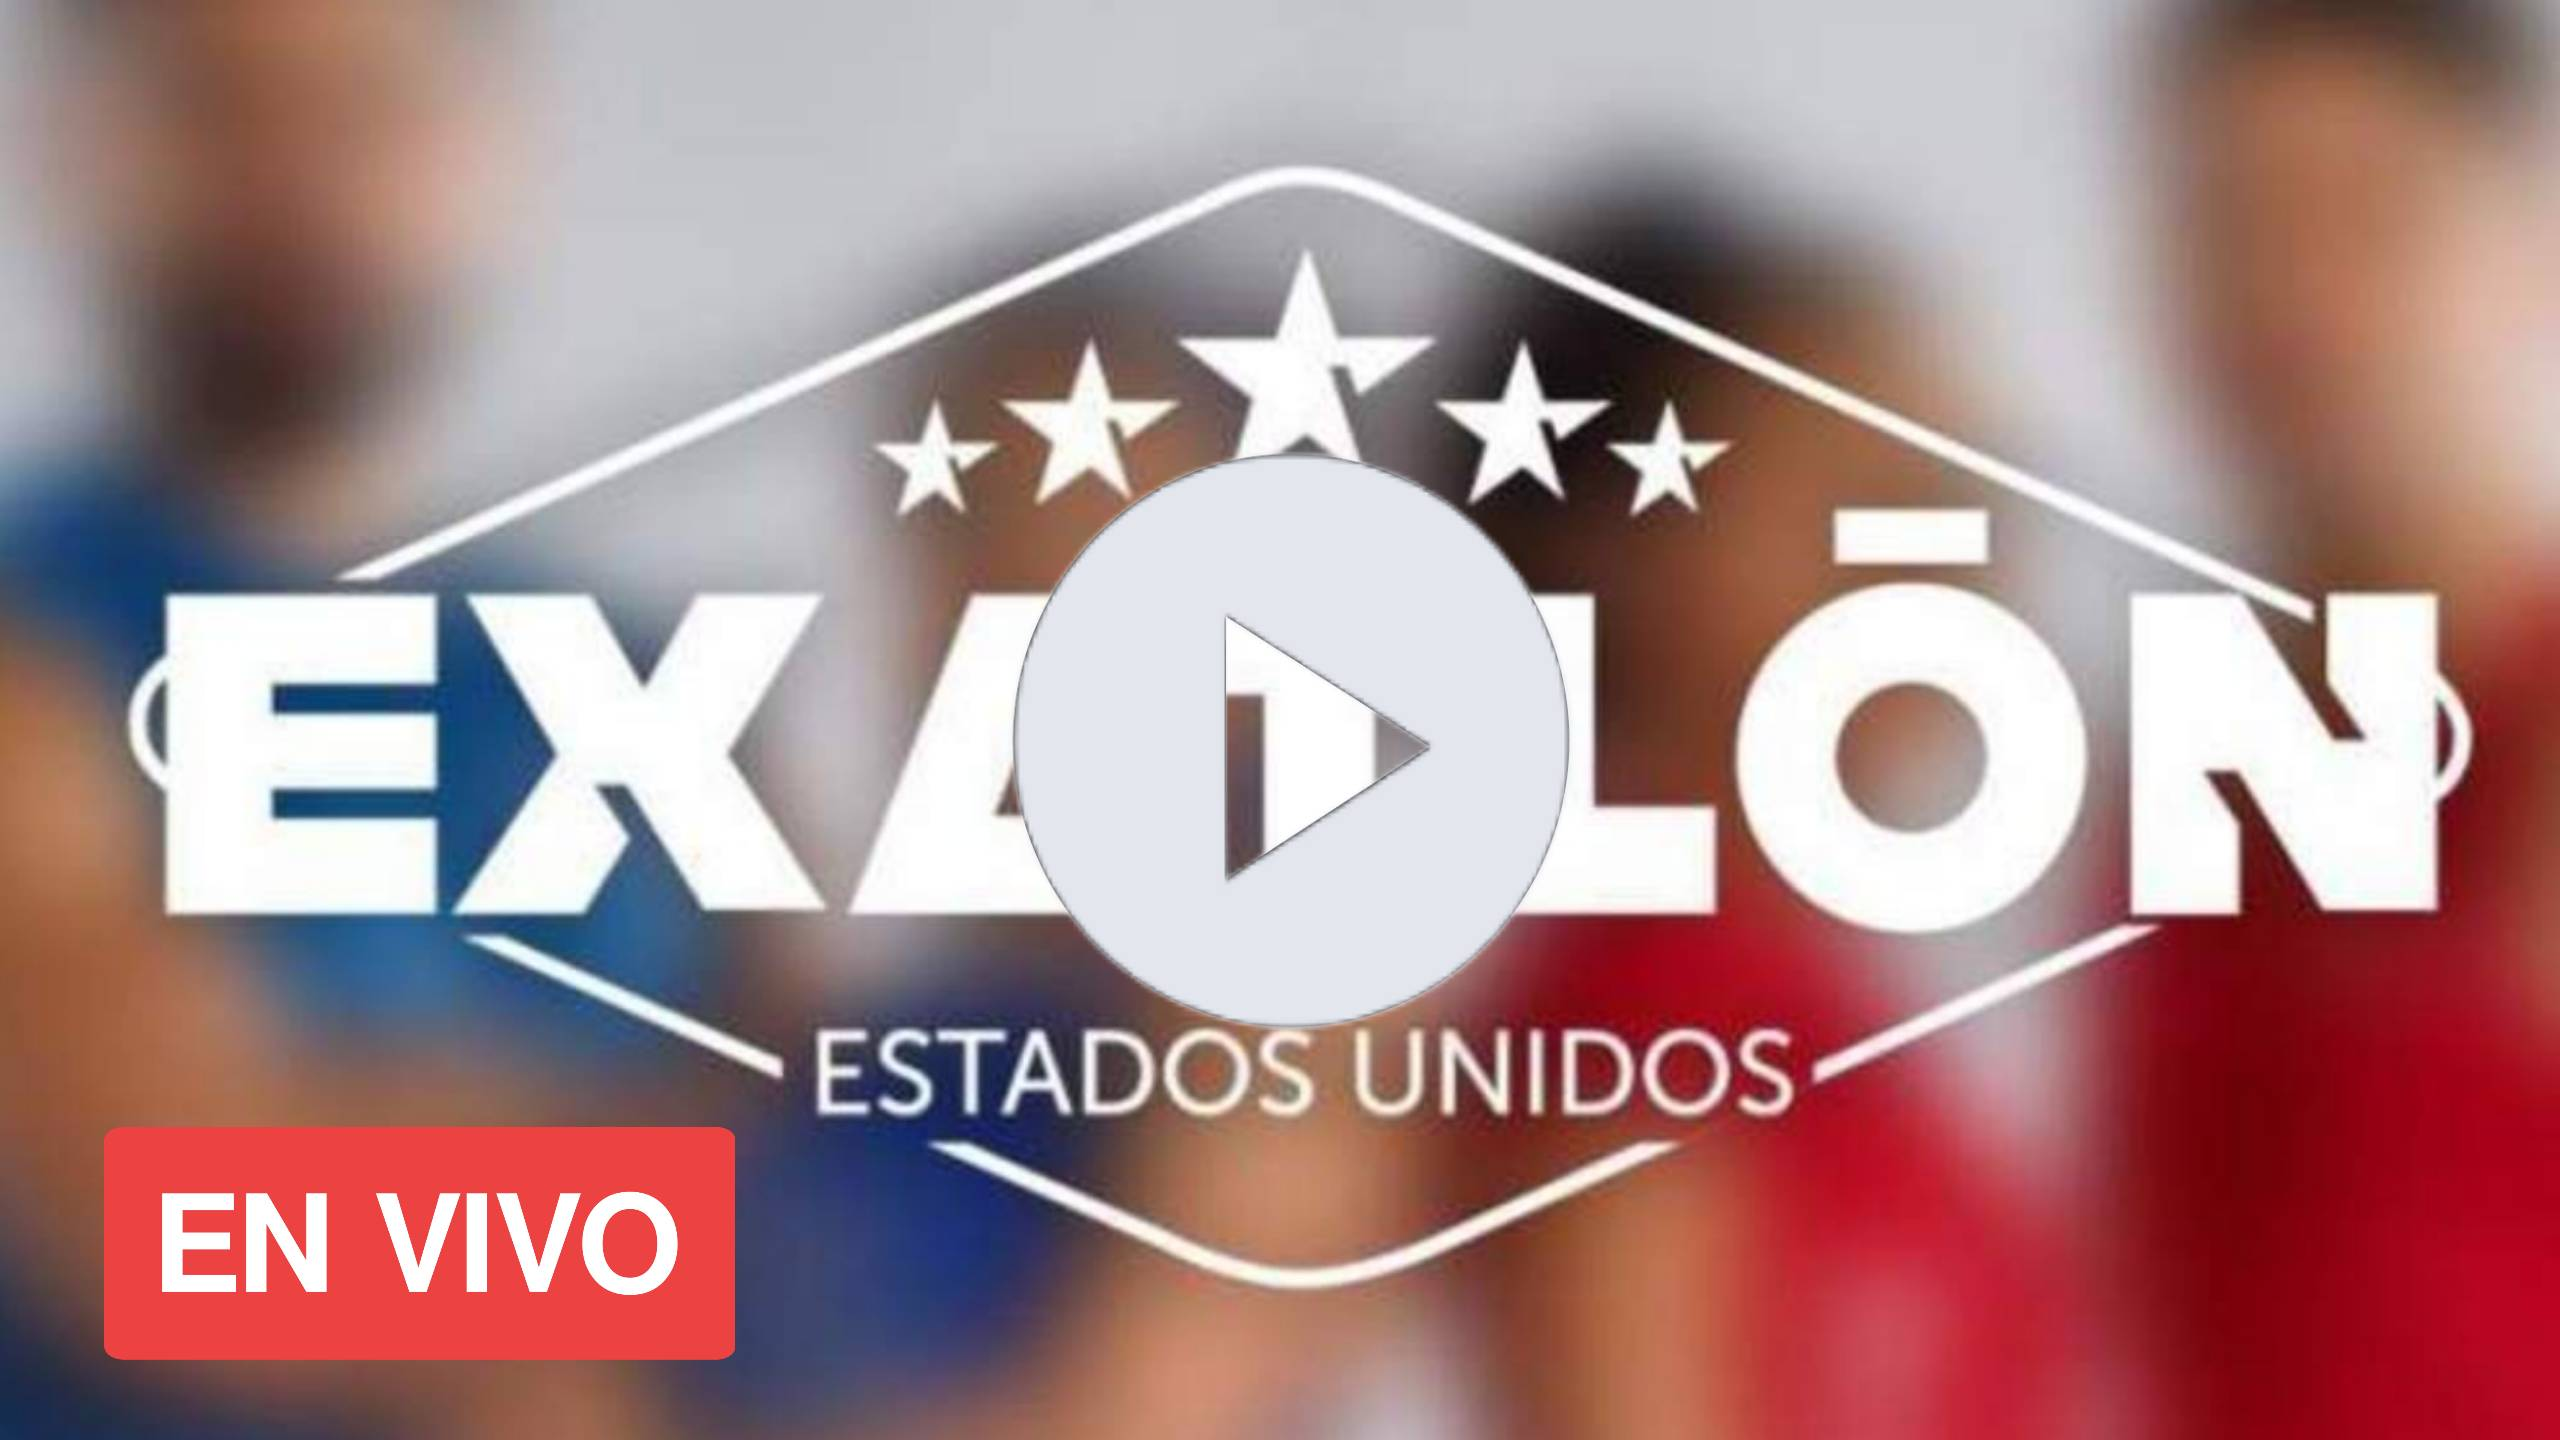 EXATLON USA 2021: AQUI CUANDO Y DONDE VER EXATLON USA 2021 EN VIVO ONLINE